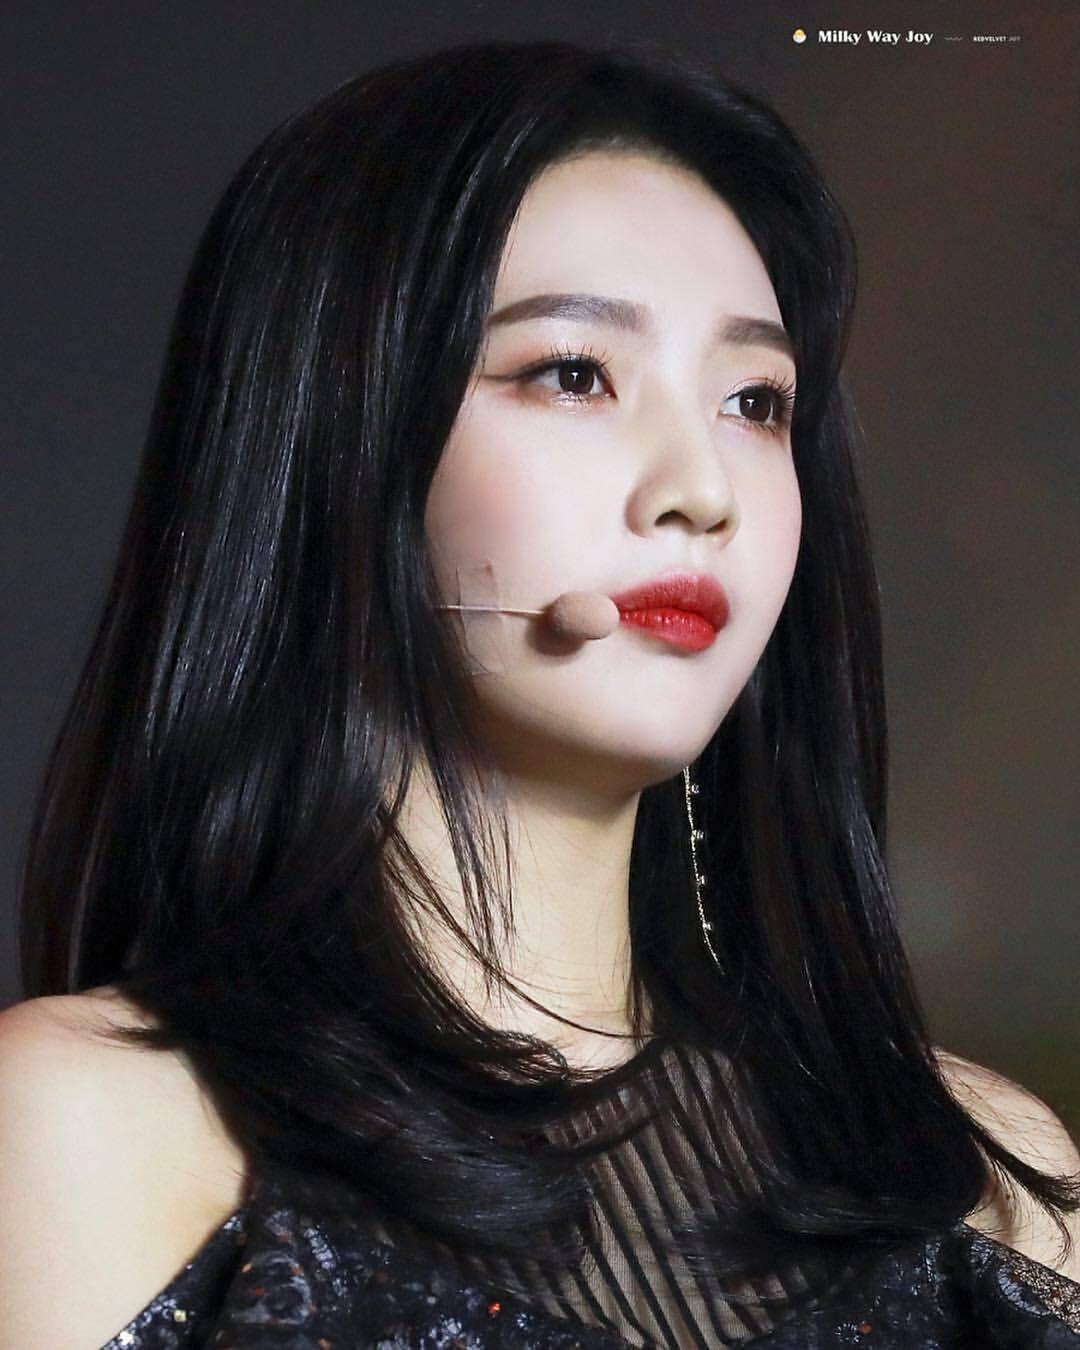 Cùng mê son đỏ nhưng Joy có phong cách khác biệt so với Soo Jin và Jennie. Cô thường chọn các tông đỏ tươi với lối đánh trong đậm ngoài nhạt hoặc có độ bóng nhẹ để tạo vẻ trẻ trung.